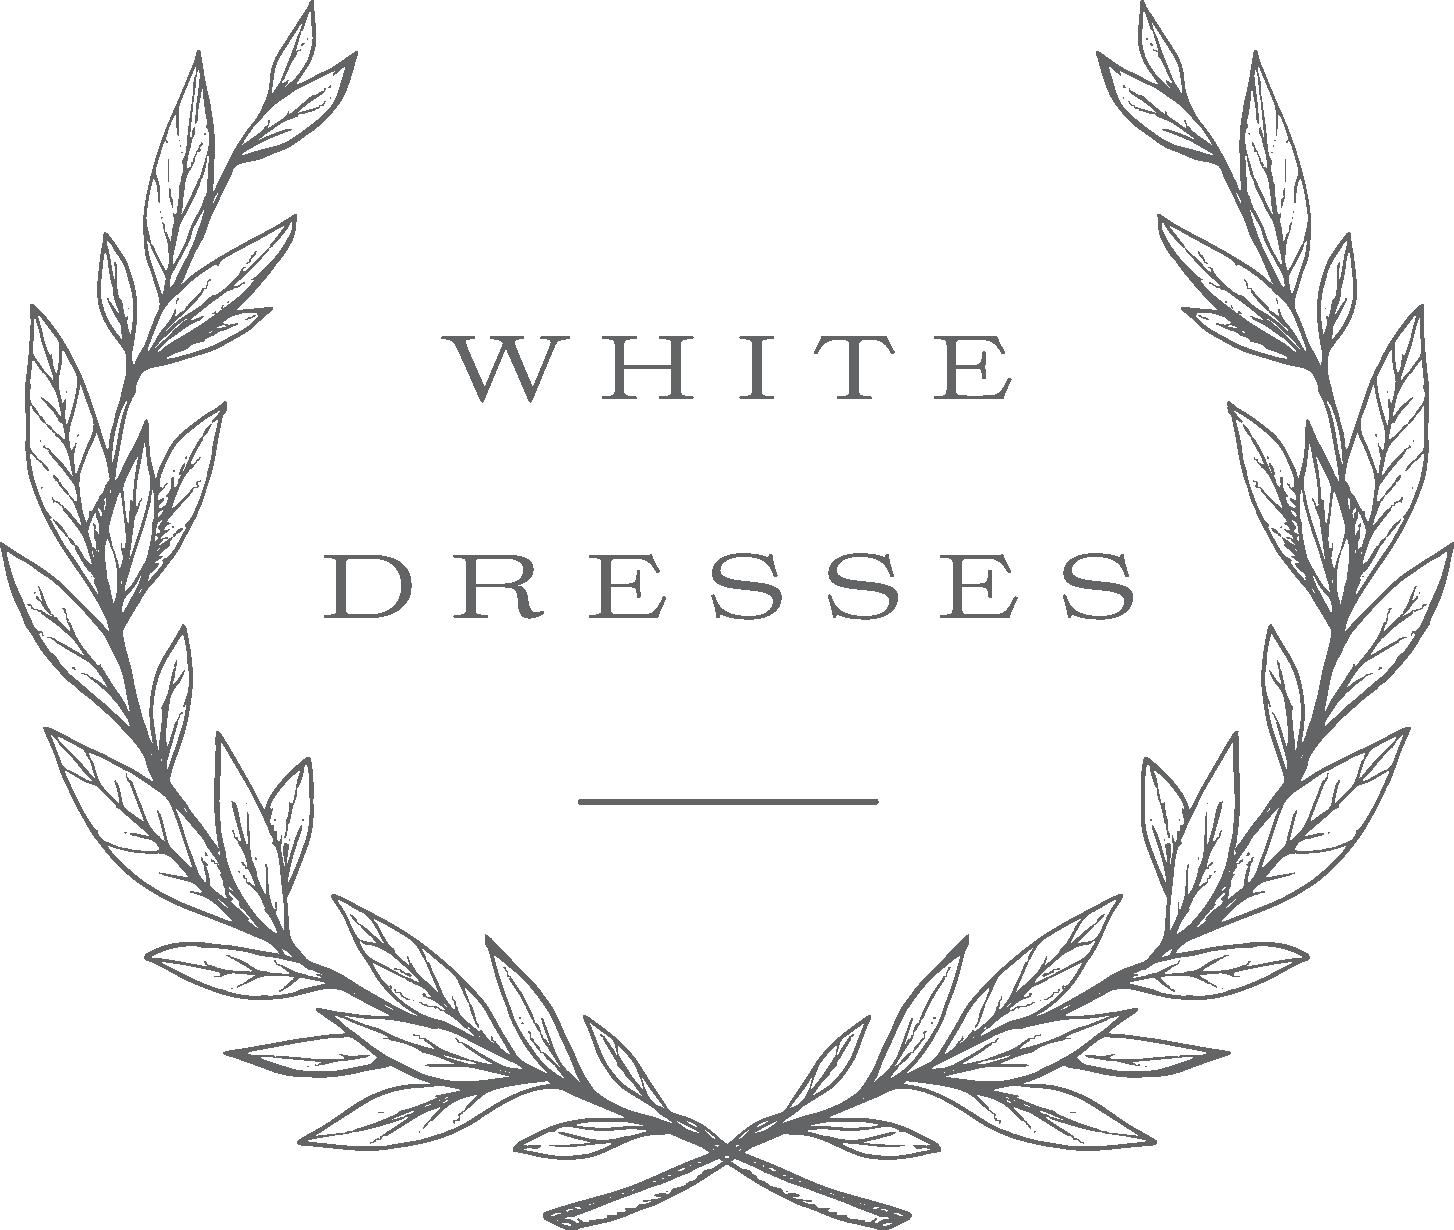 White Dresses Boutique